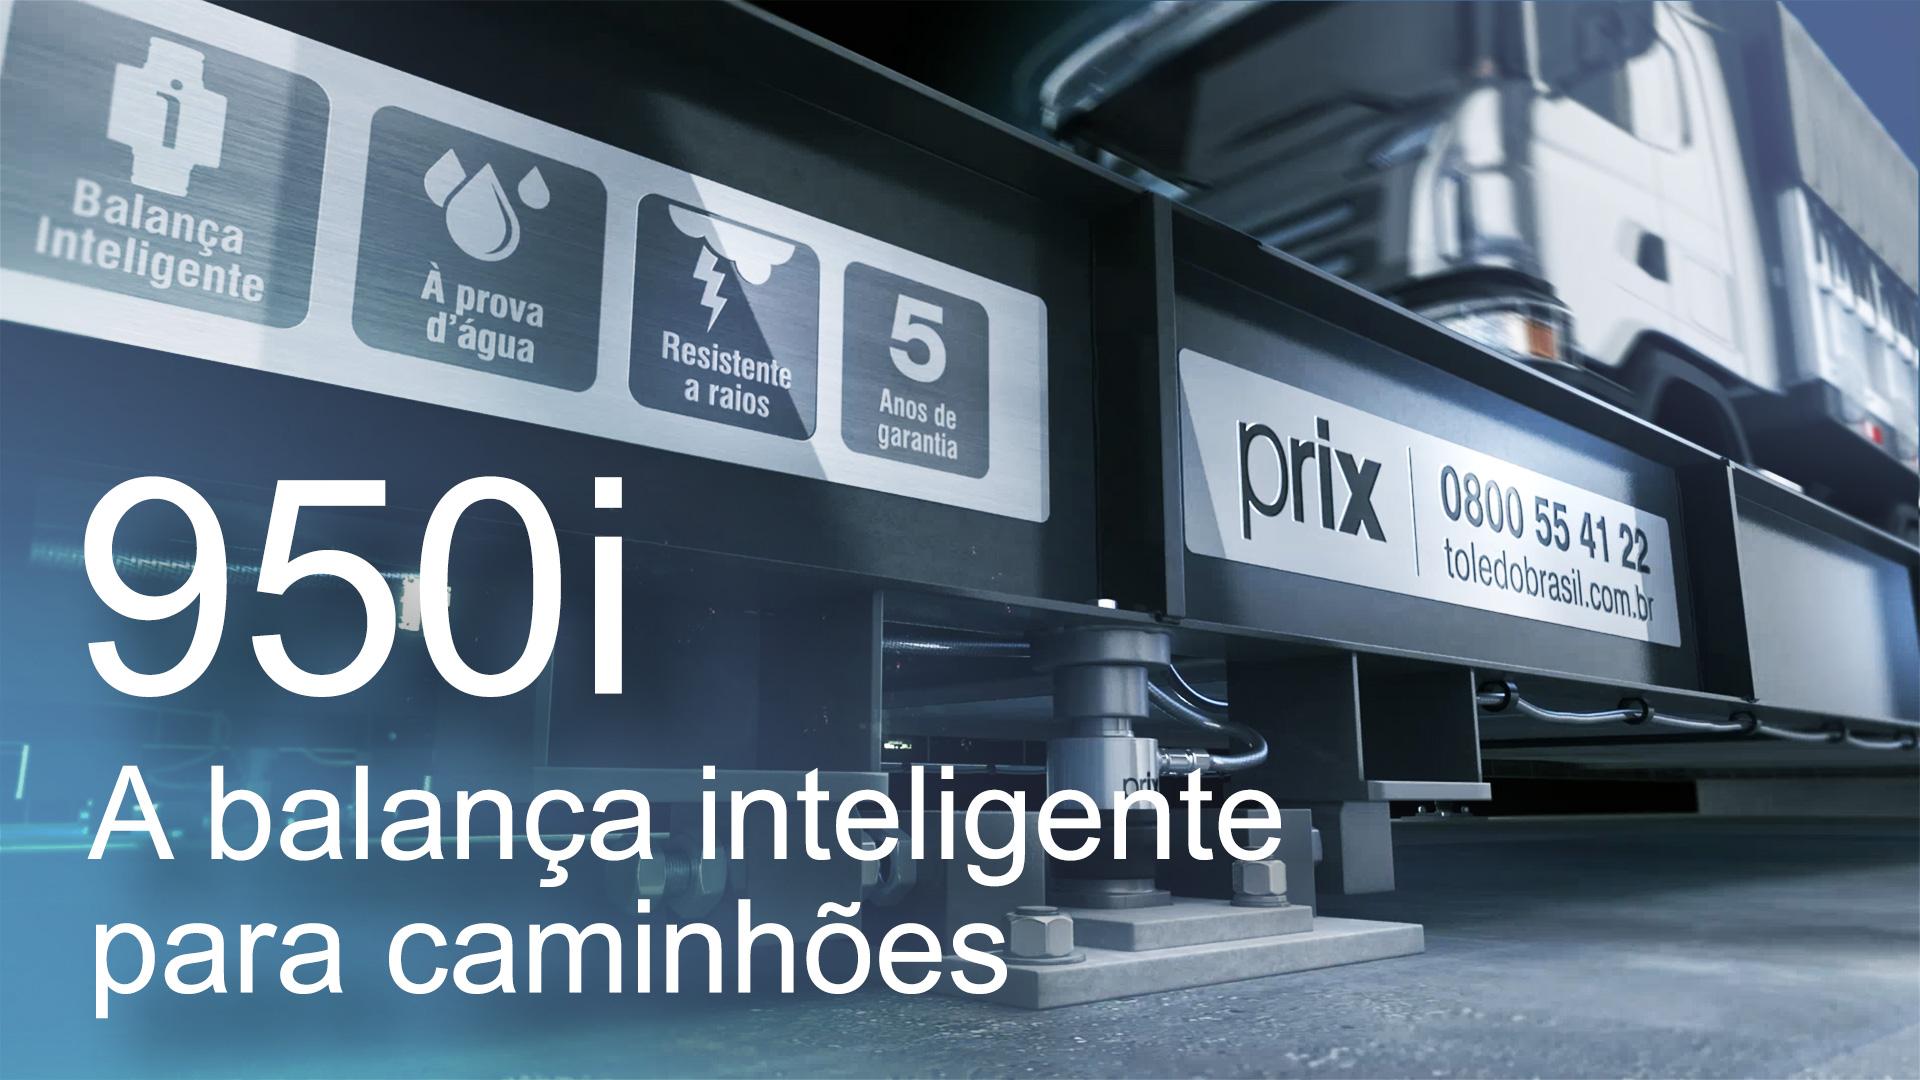 Toledo do Brasil: 950i - Balança para caminhões